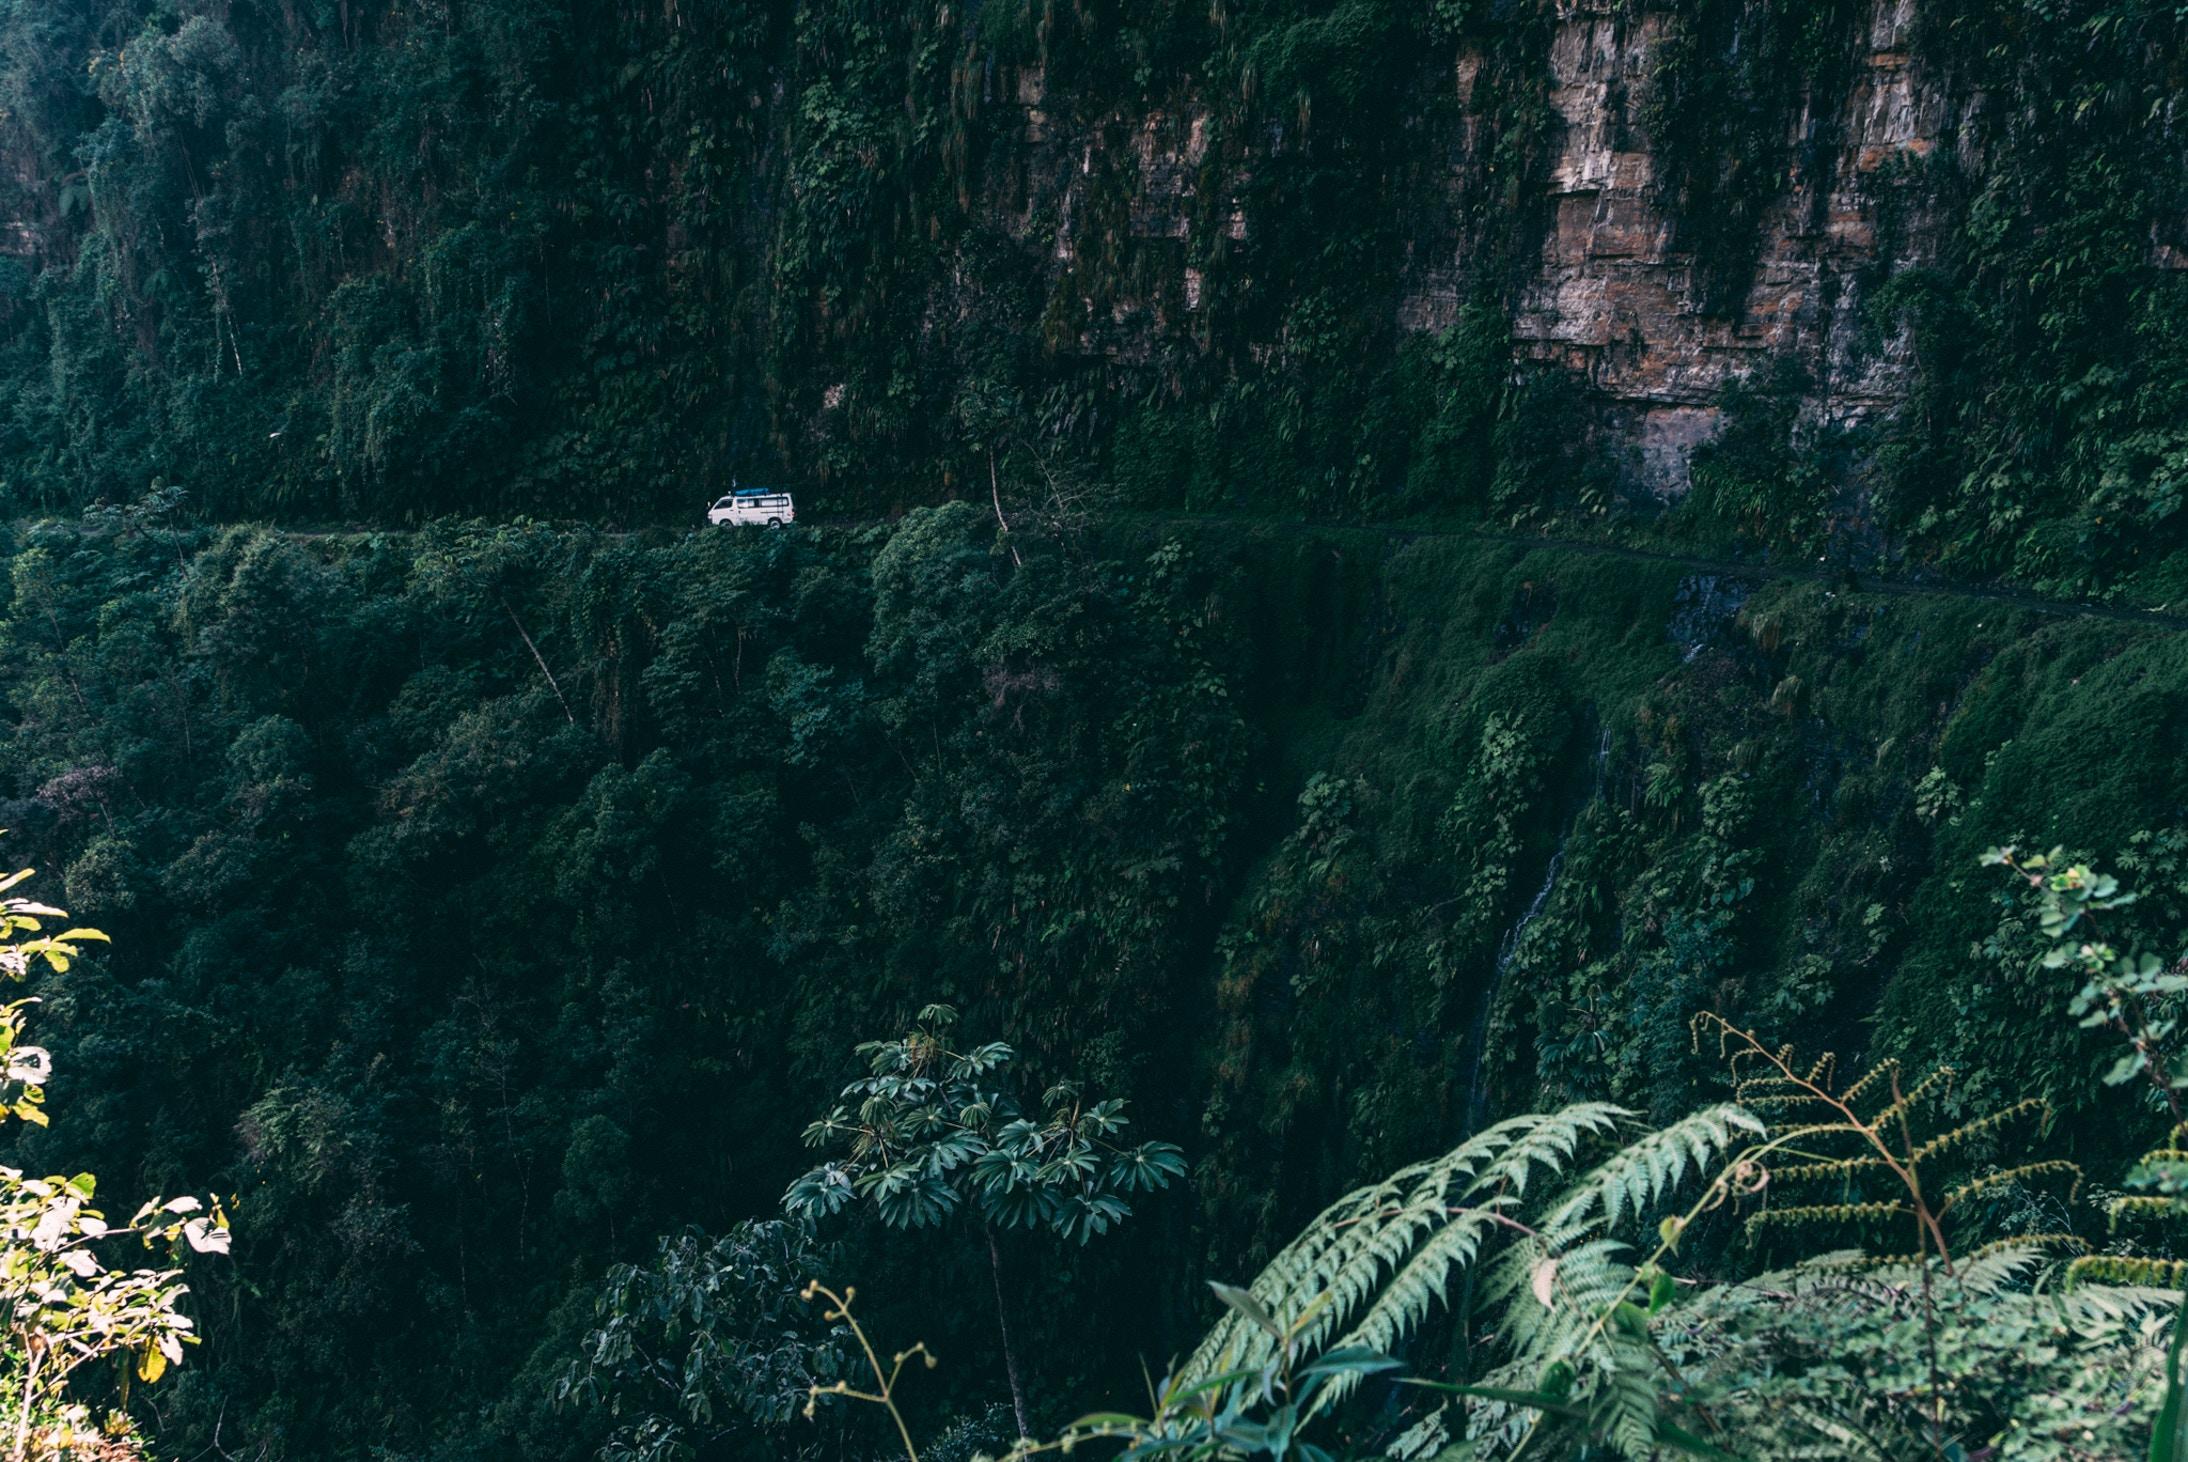 Imagen de la noticia Reducción de la vulnerabilidad frente a desastres naturales, de comunidades pobres del distrito de Chachas (Arequipa, Perú)